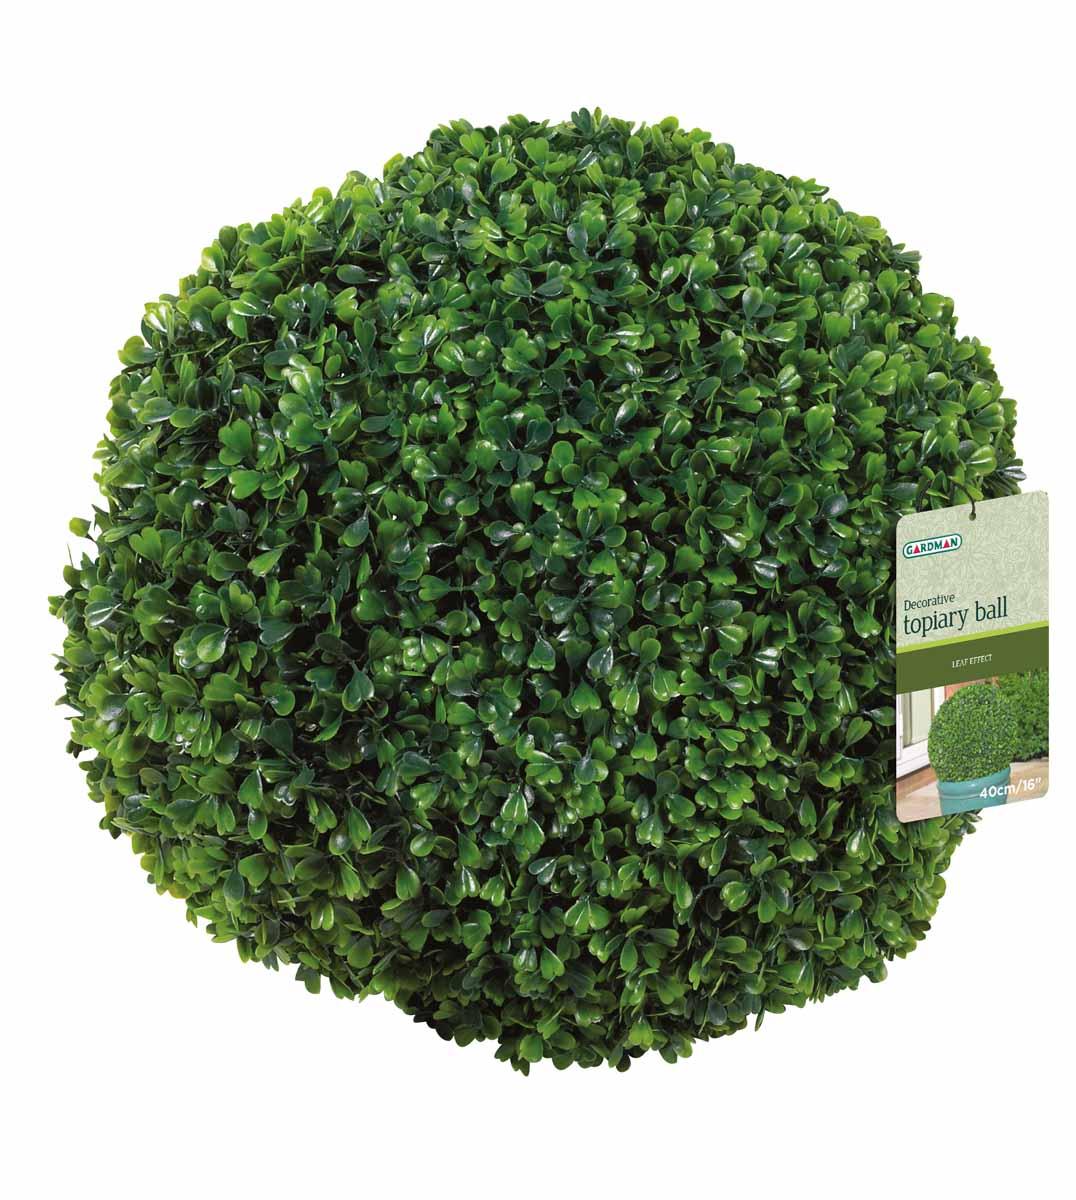 Искусственное растение Gardman Topiary Ball. Самшит, цвет: зеленый, диаметр 40 см02803Искусственное растение Gardman Topiary Ball выполнено из пластика в виде шара. Листья растения зеленого цвета имитируют самшит. К растению прикреплены три цепочки с крючком, за который его можно повесить в любое место. Также растение можно поместить в горшок. Растение устойчиво к воздействиям внешней среды, таким как влажность, солнце, перепады температуры, не выцветает со временем. Искусственное растение Gardman Topiary Ball великолепно украсит интерьер офиса, дома или сада.